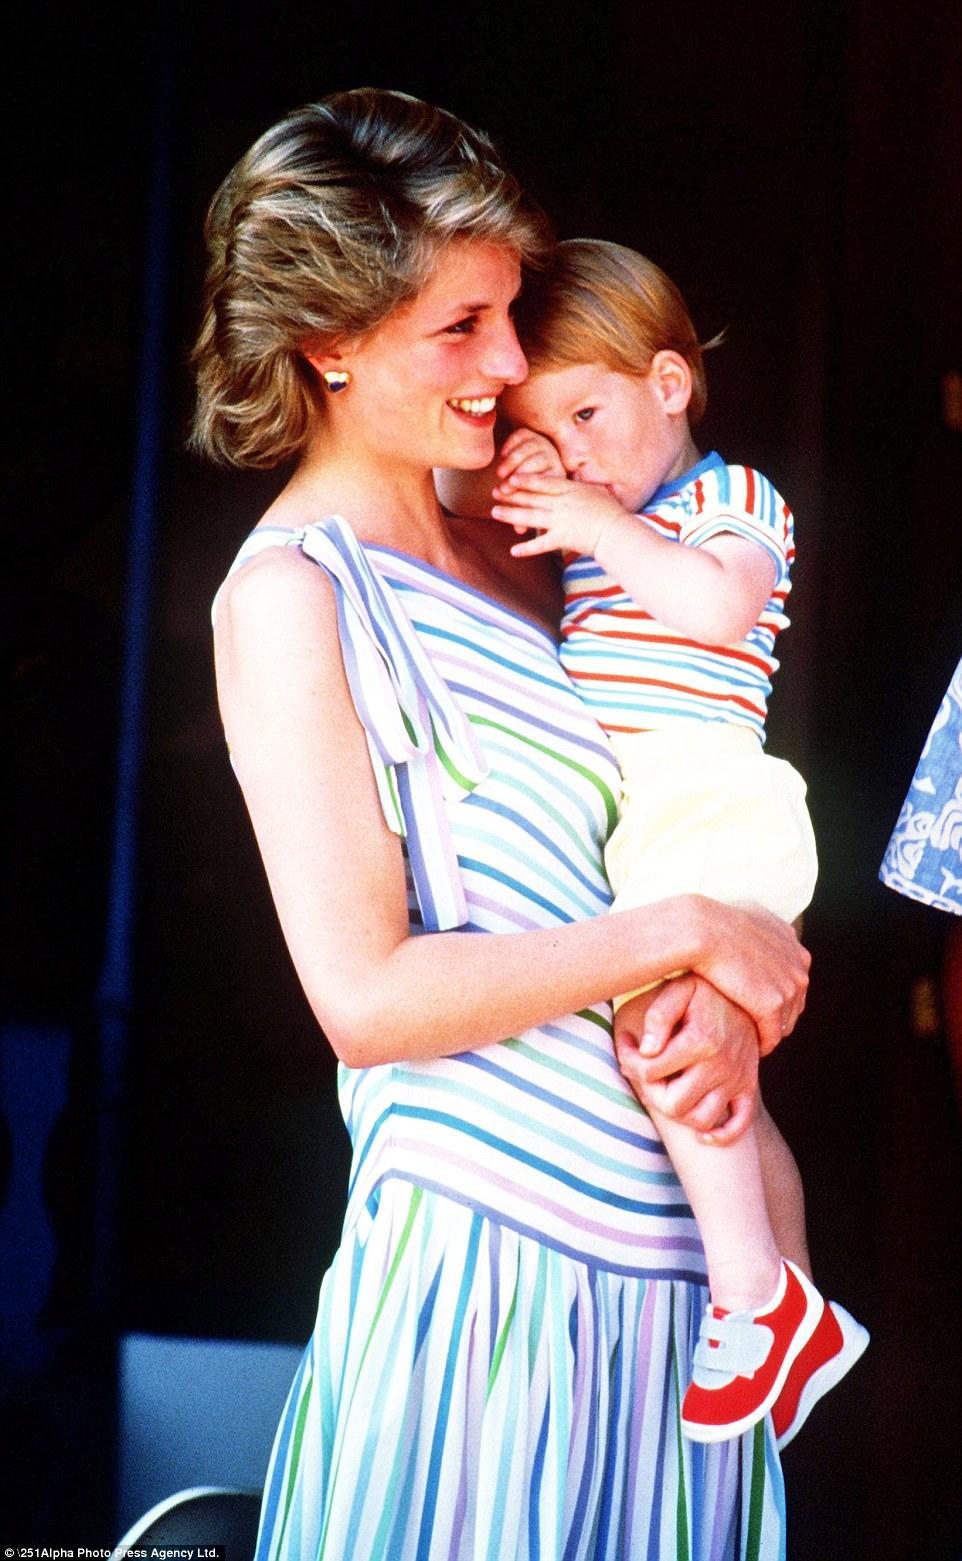 Chùm ảnh: Những khoảnh khắc hạnh phúc và ngọt ngào của Công nương Diana bên các con - Ảnh 4.